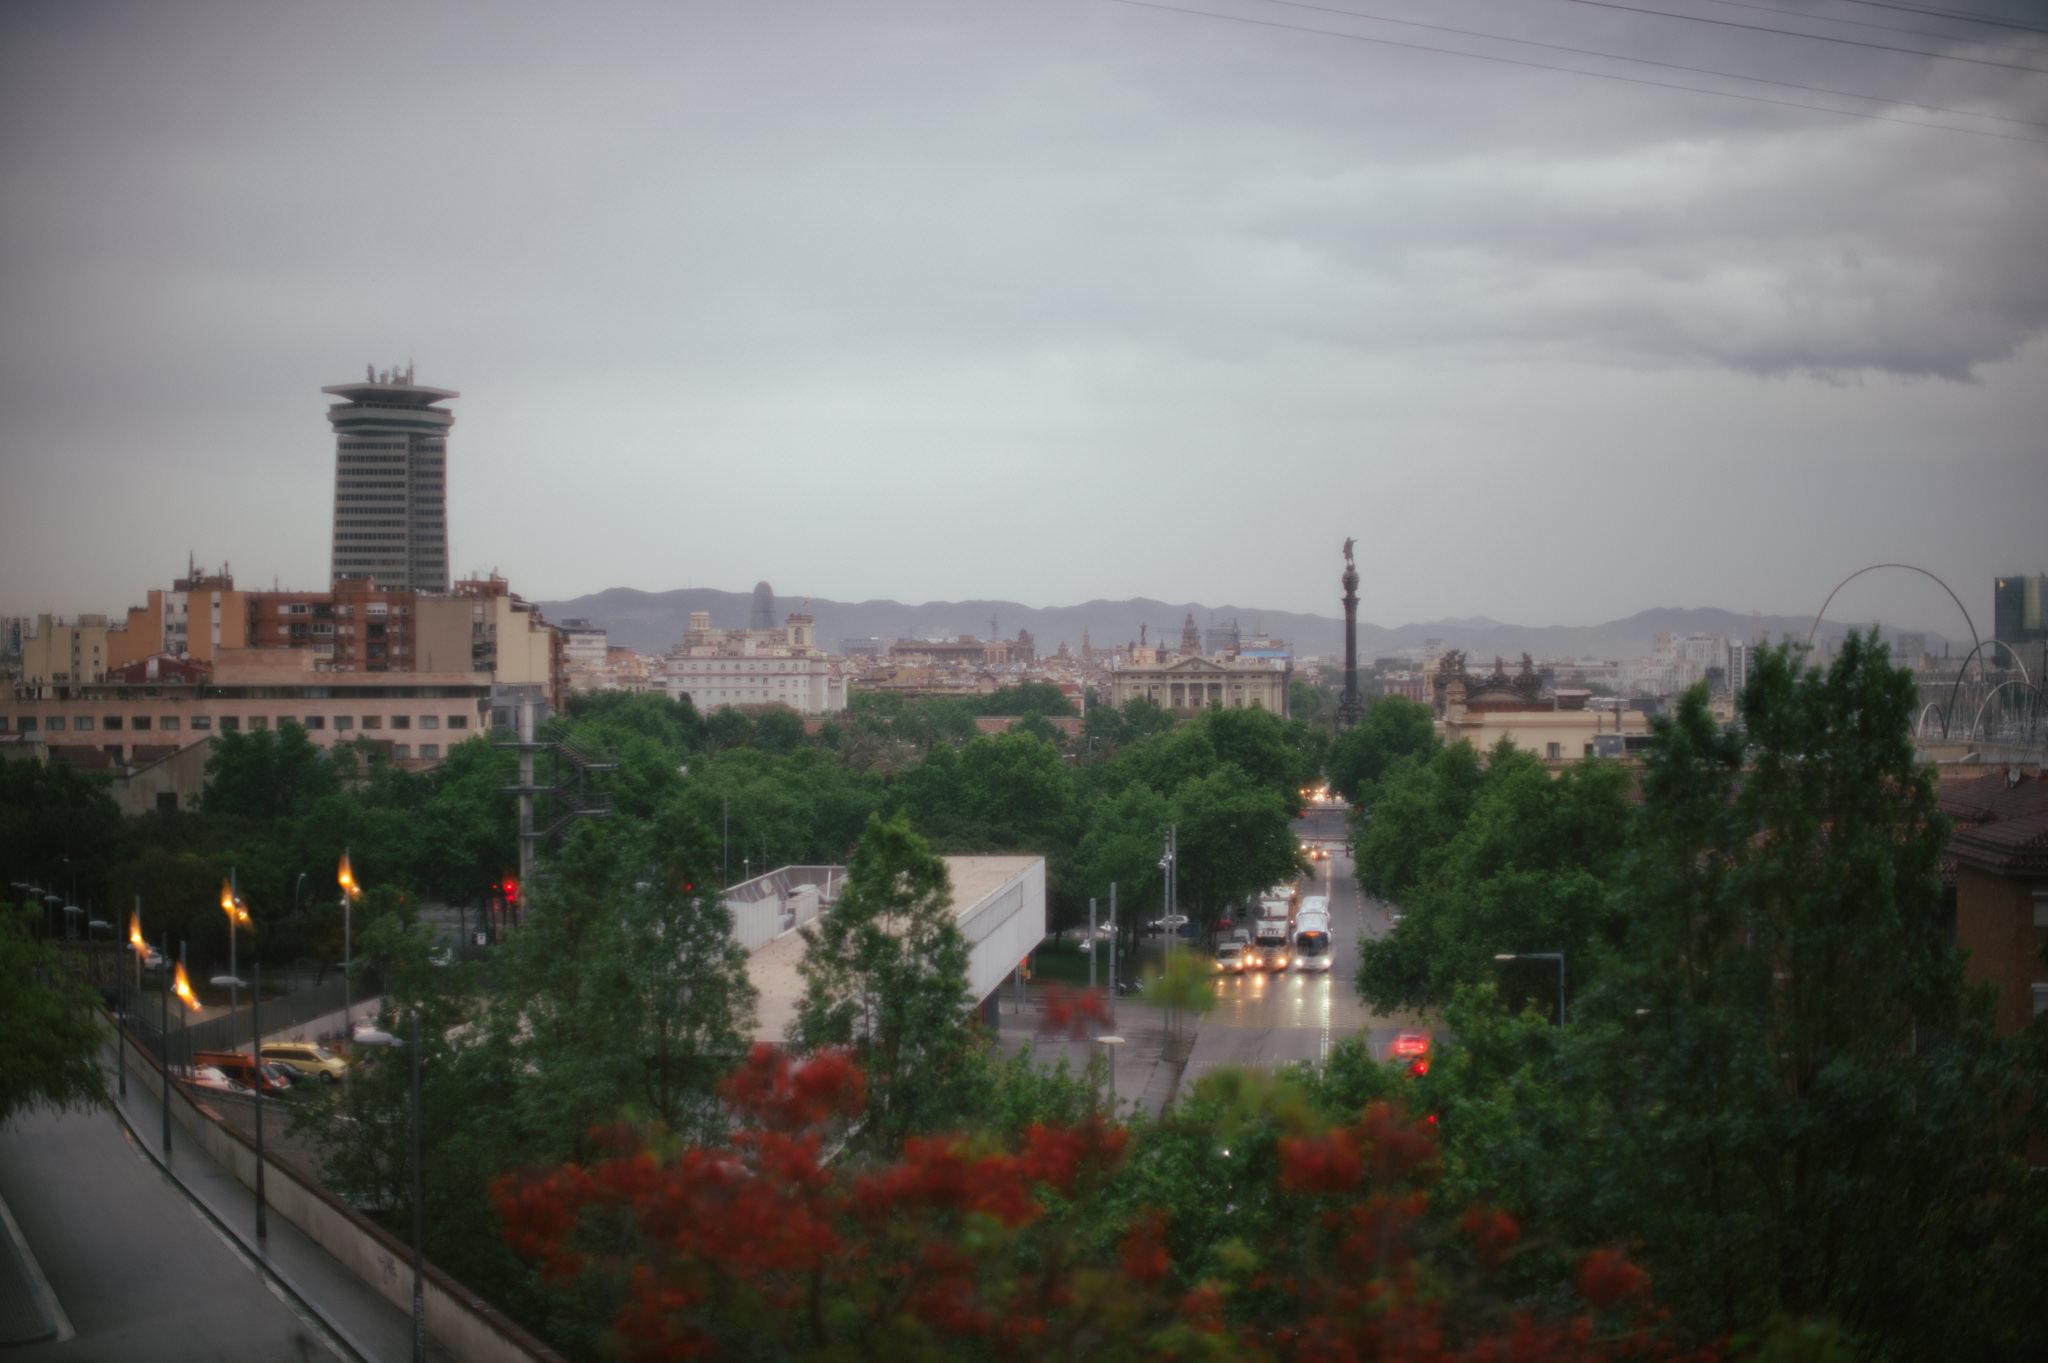 Rainy_Mirador_23